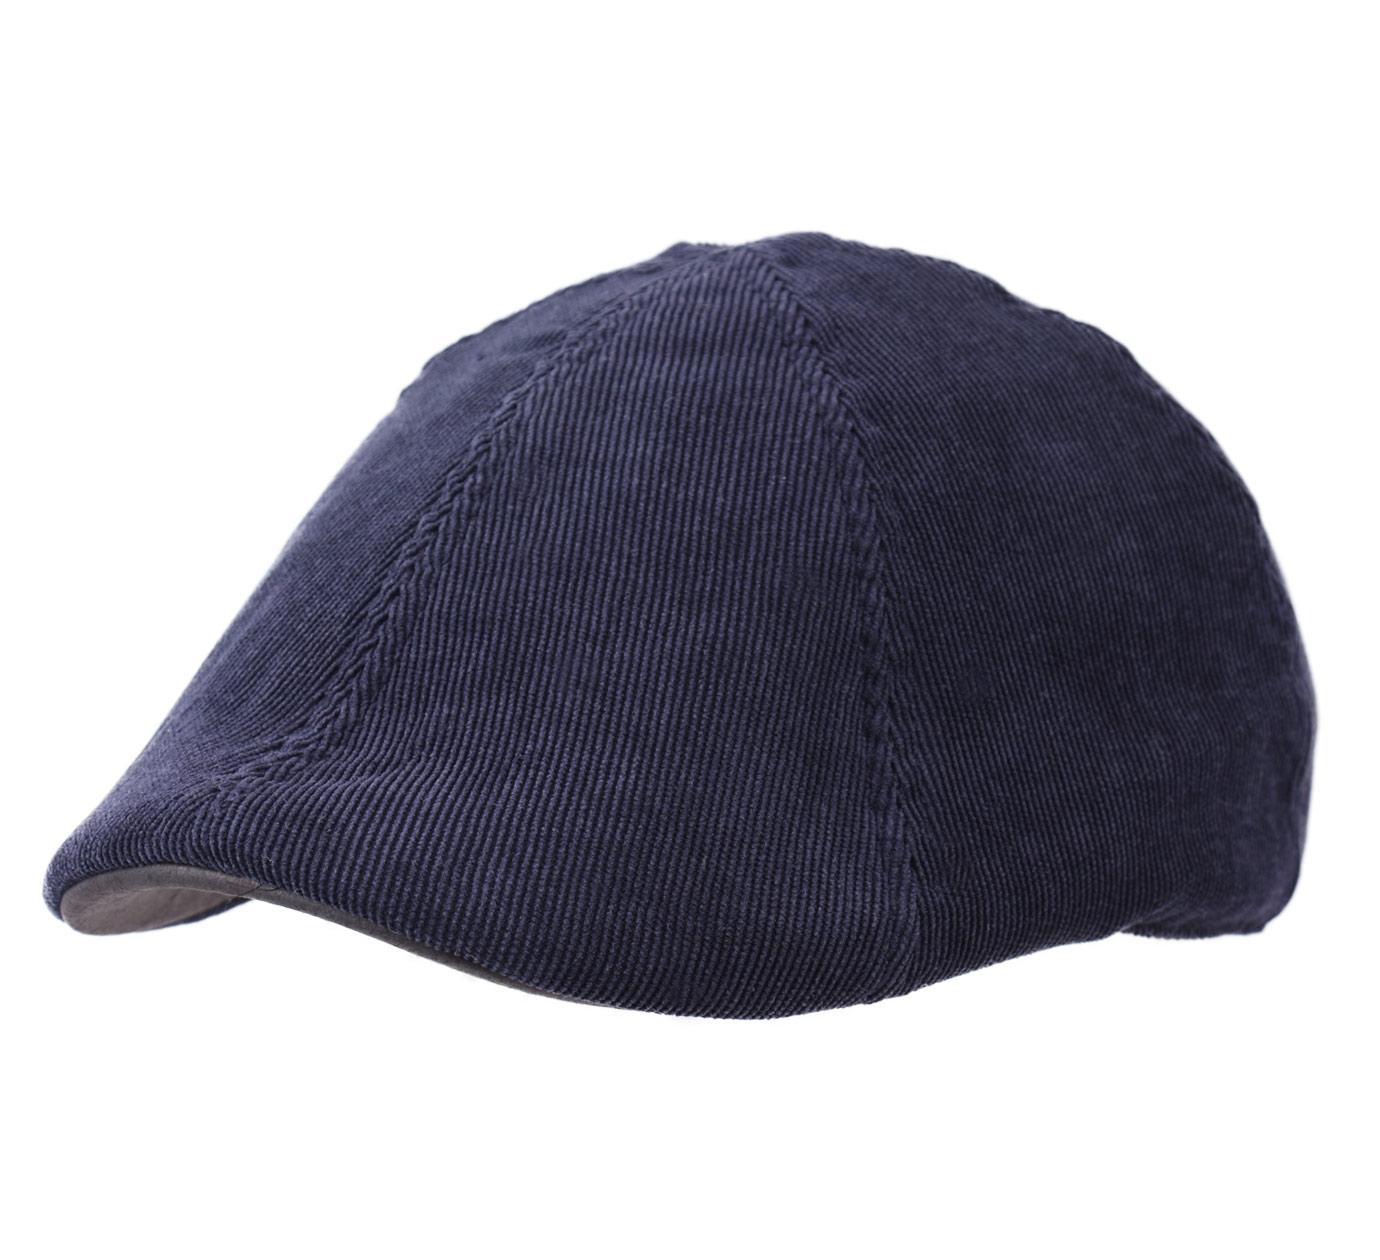 fabricado en Europa Wegener Gorro con dise/ño cl/ásico de 100 /% lana y con forro interior visera plana